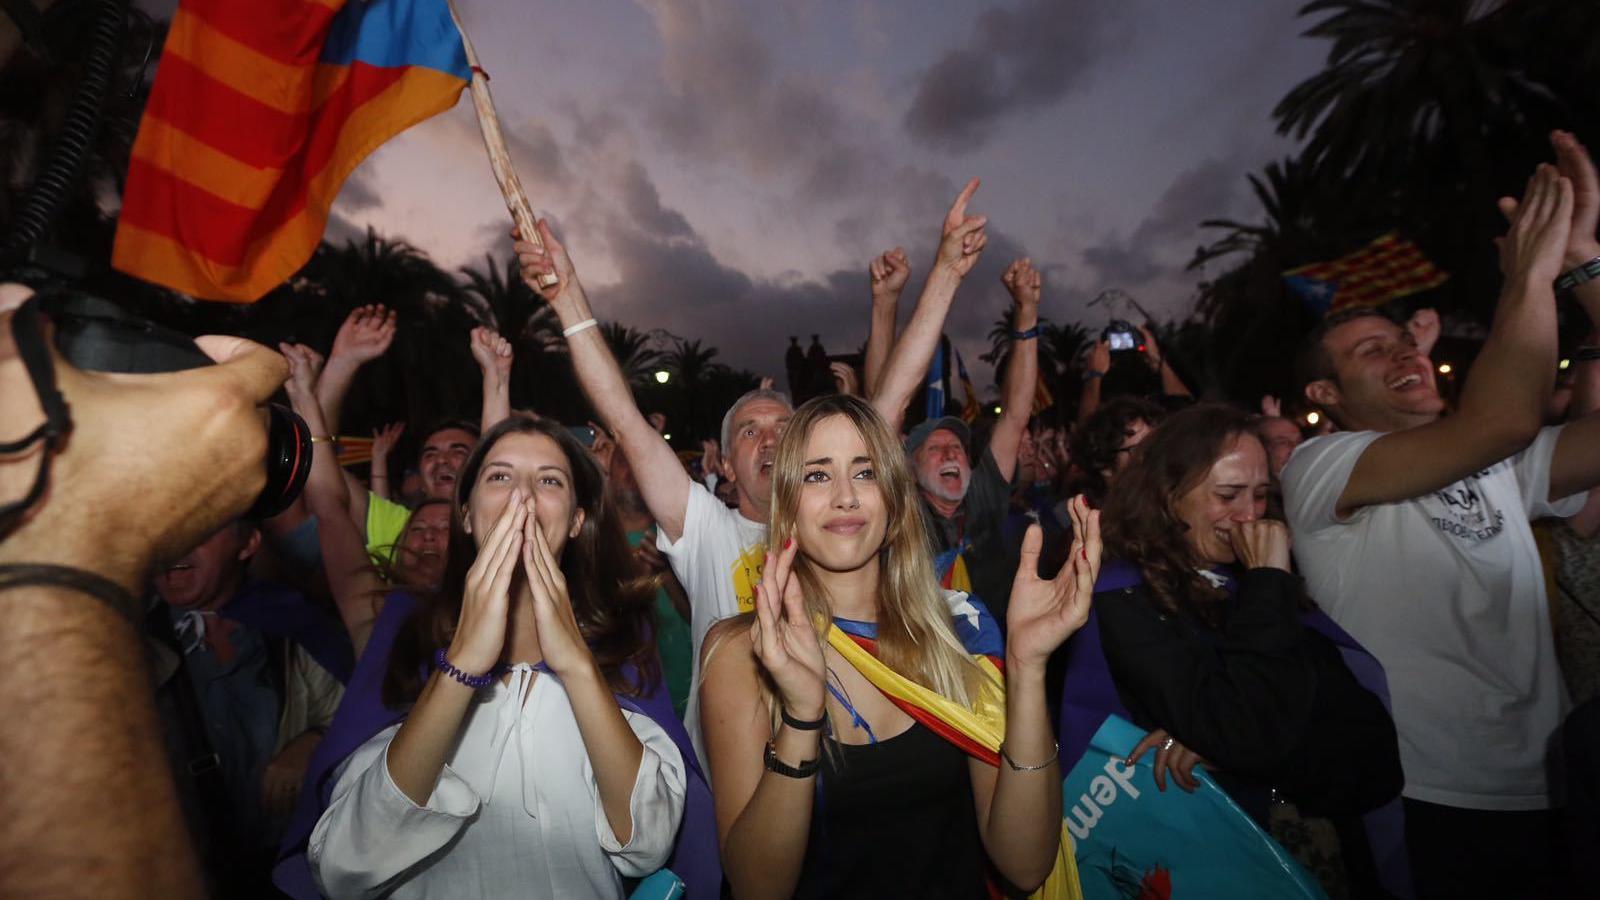 L'anàlisi d'Antoni Bassas: 'A tots els que plorarien de ràbia'